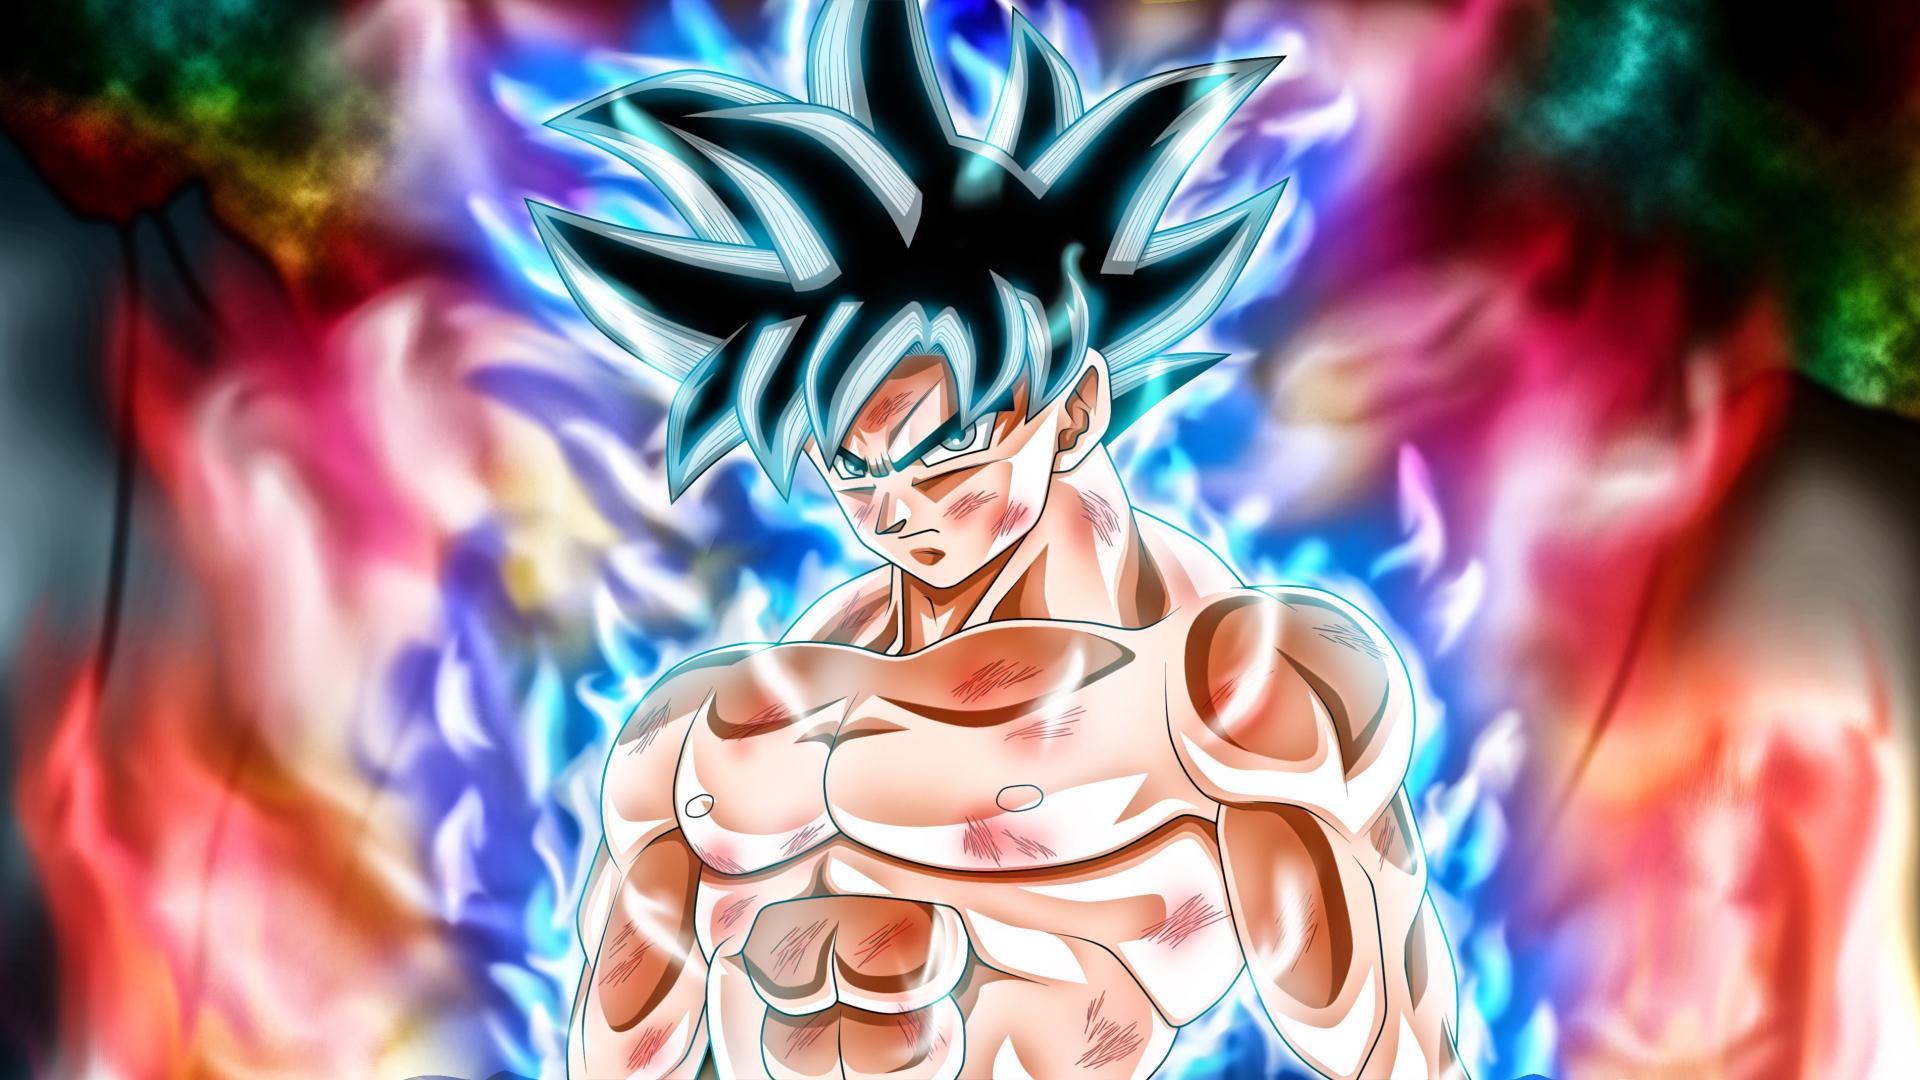 Download 1920x1080 Wallpaper Goku Anime Anger Dragon Ball Super